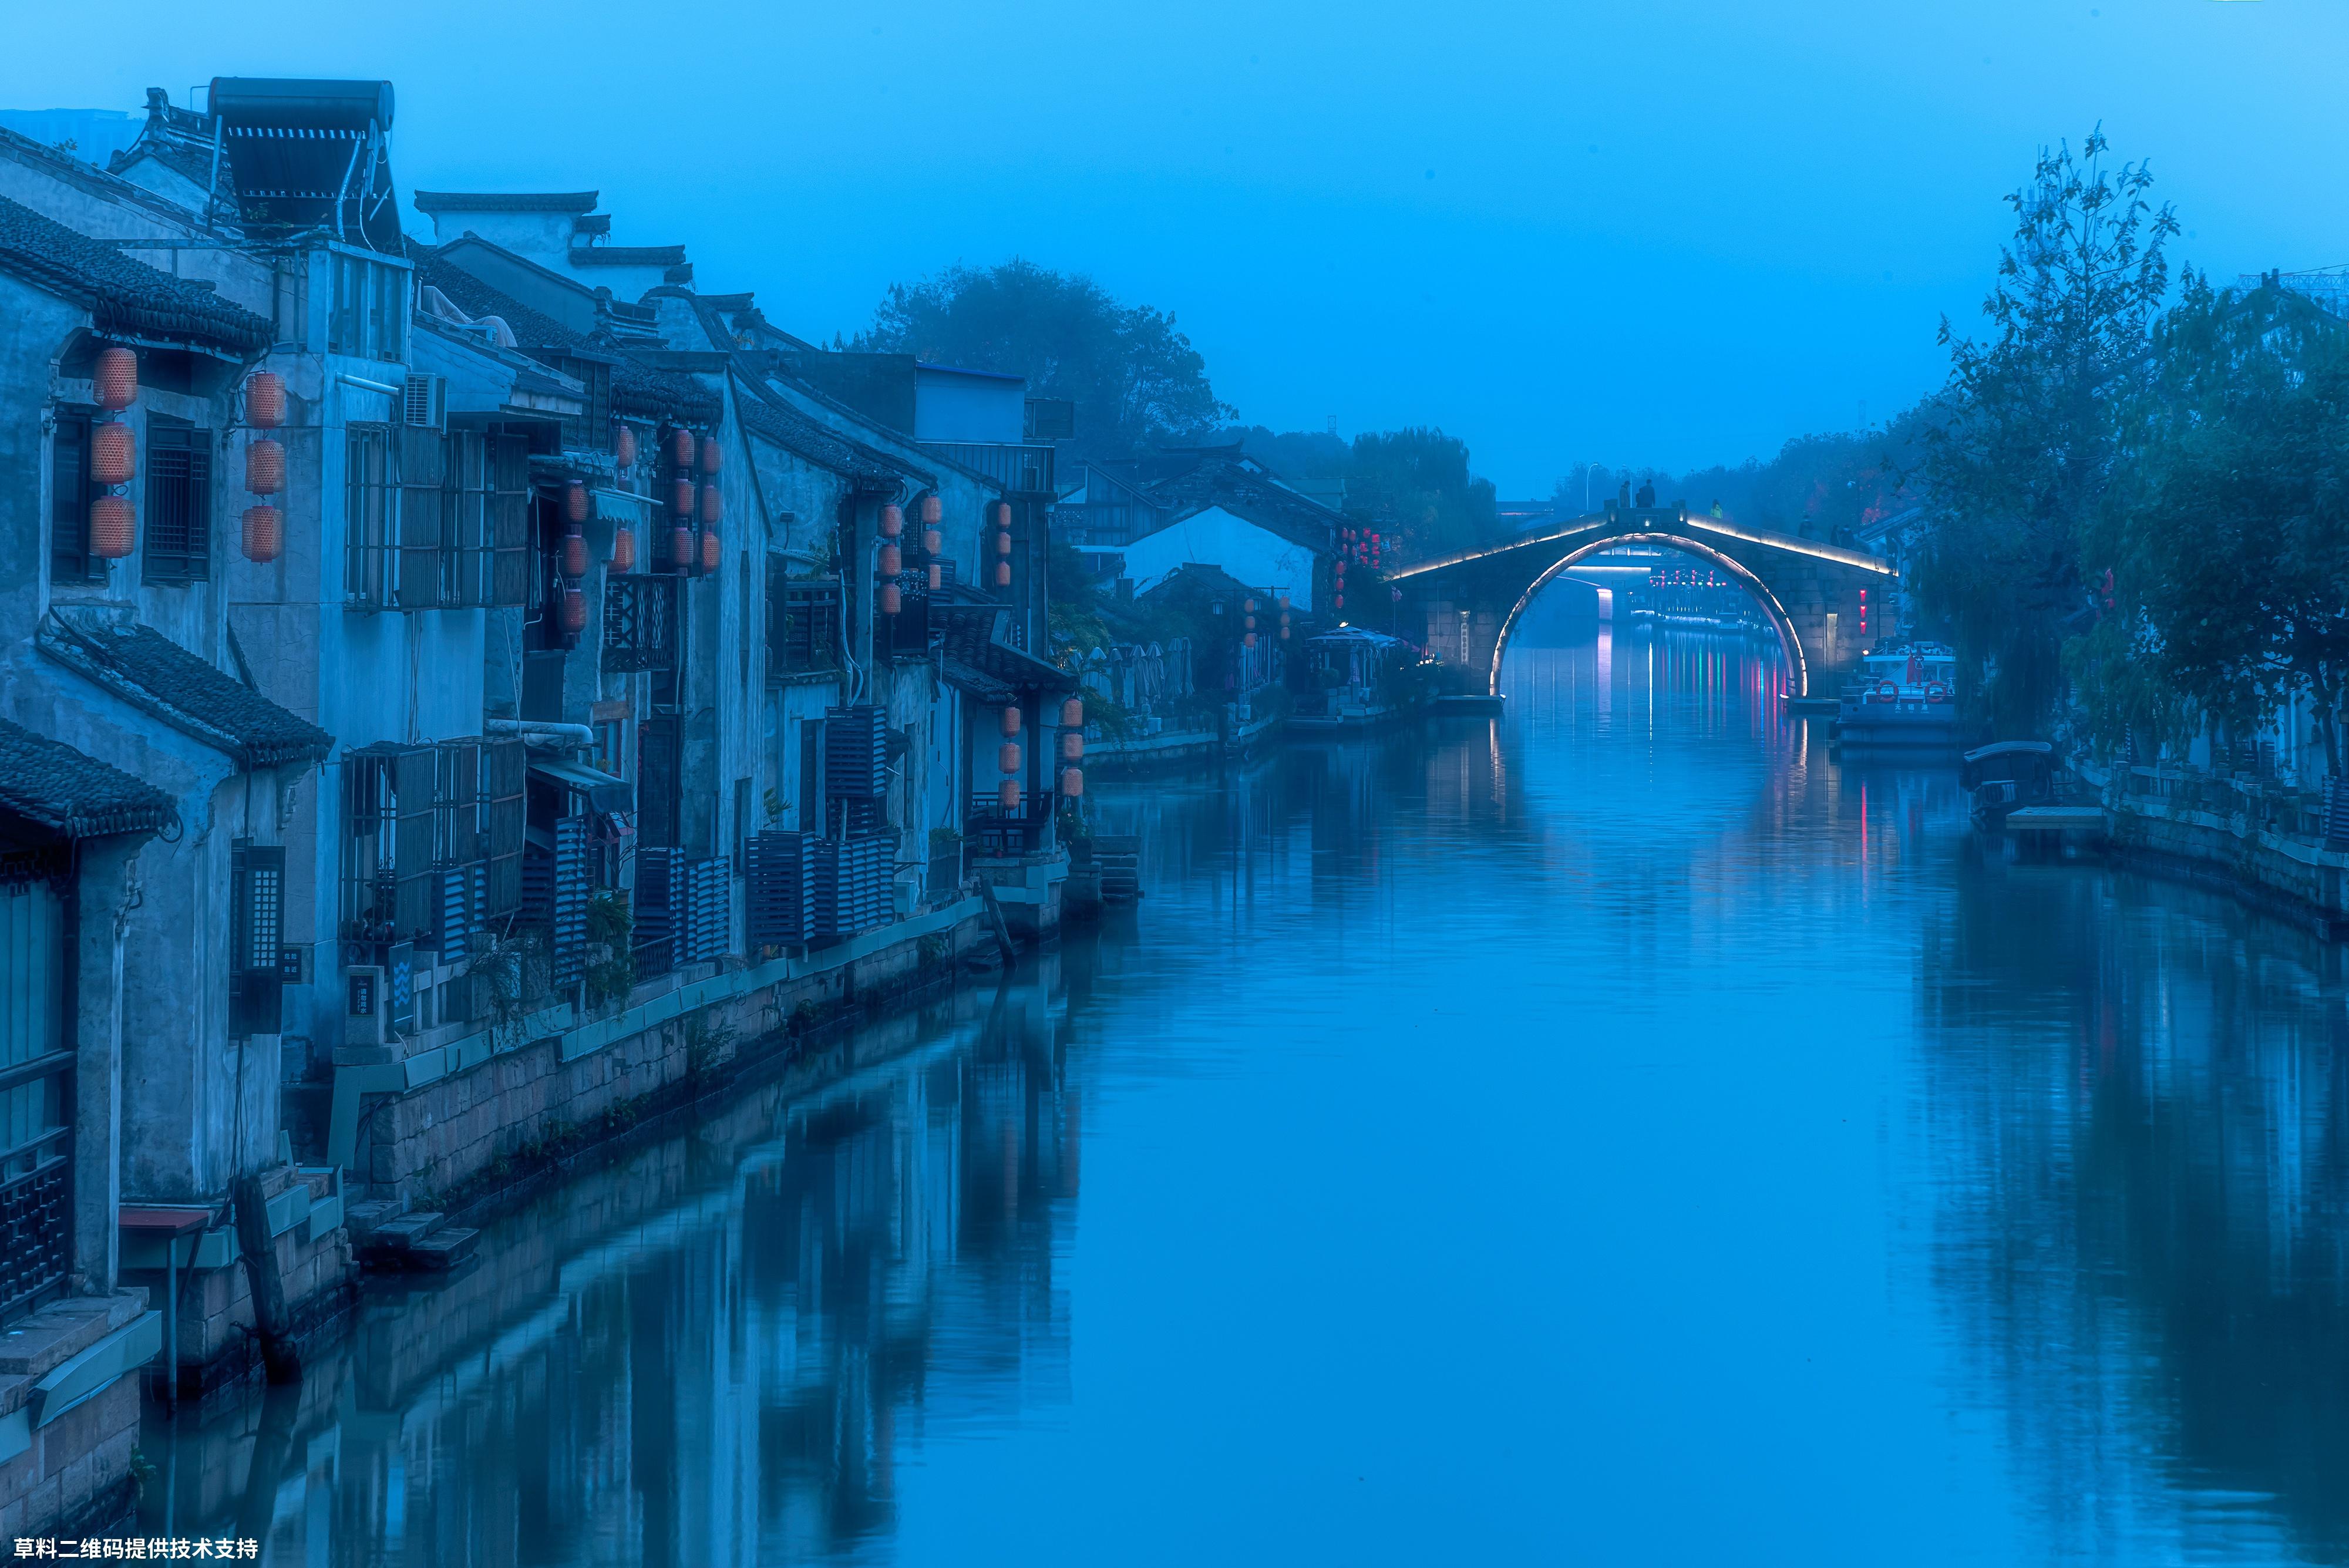 张建中《古运河之夜》Nikon,京杭大运河已经被列入为世界文化历史遗产名录,无锡段的运河是其中的极品之一,尤其是到了晚上更是美丽。.jpg